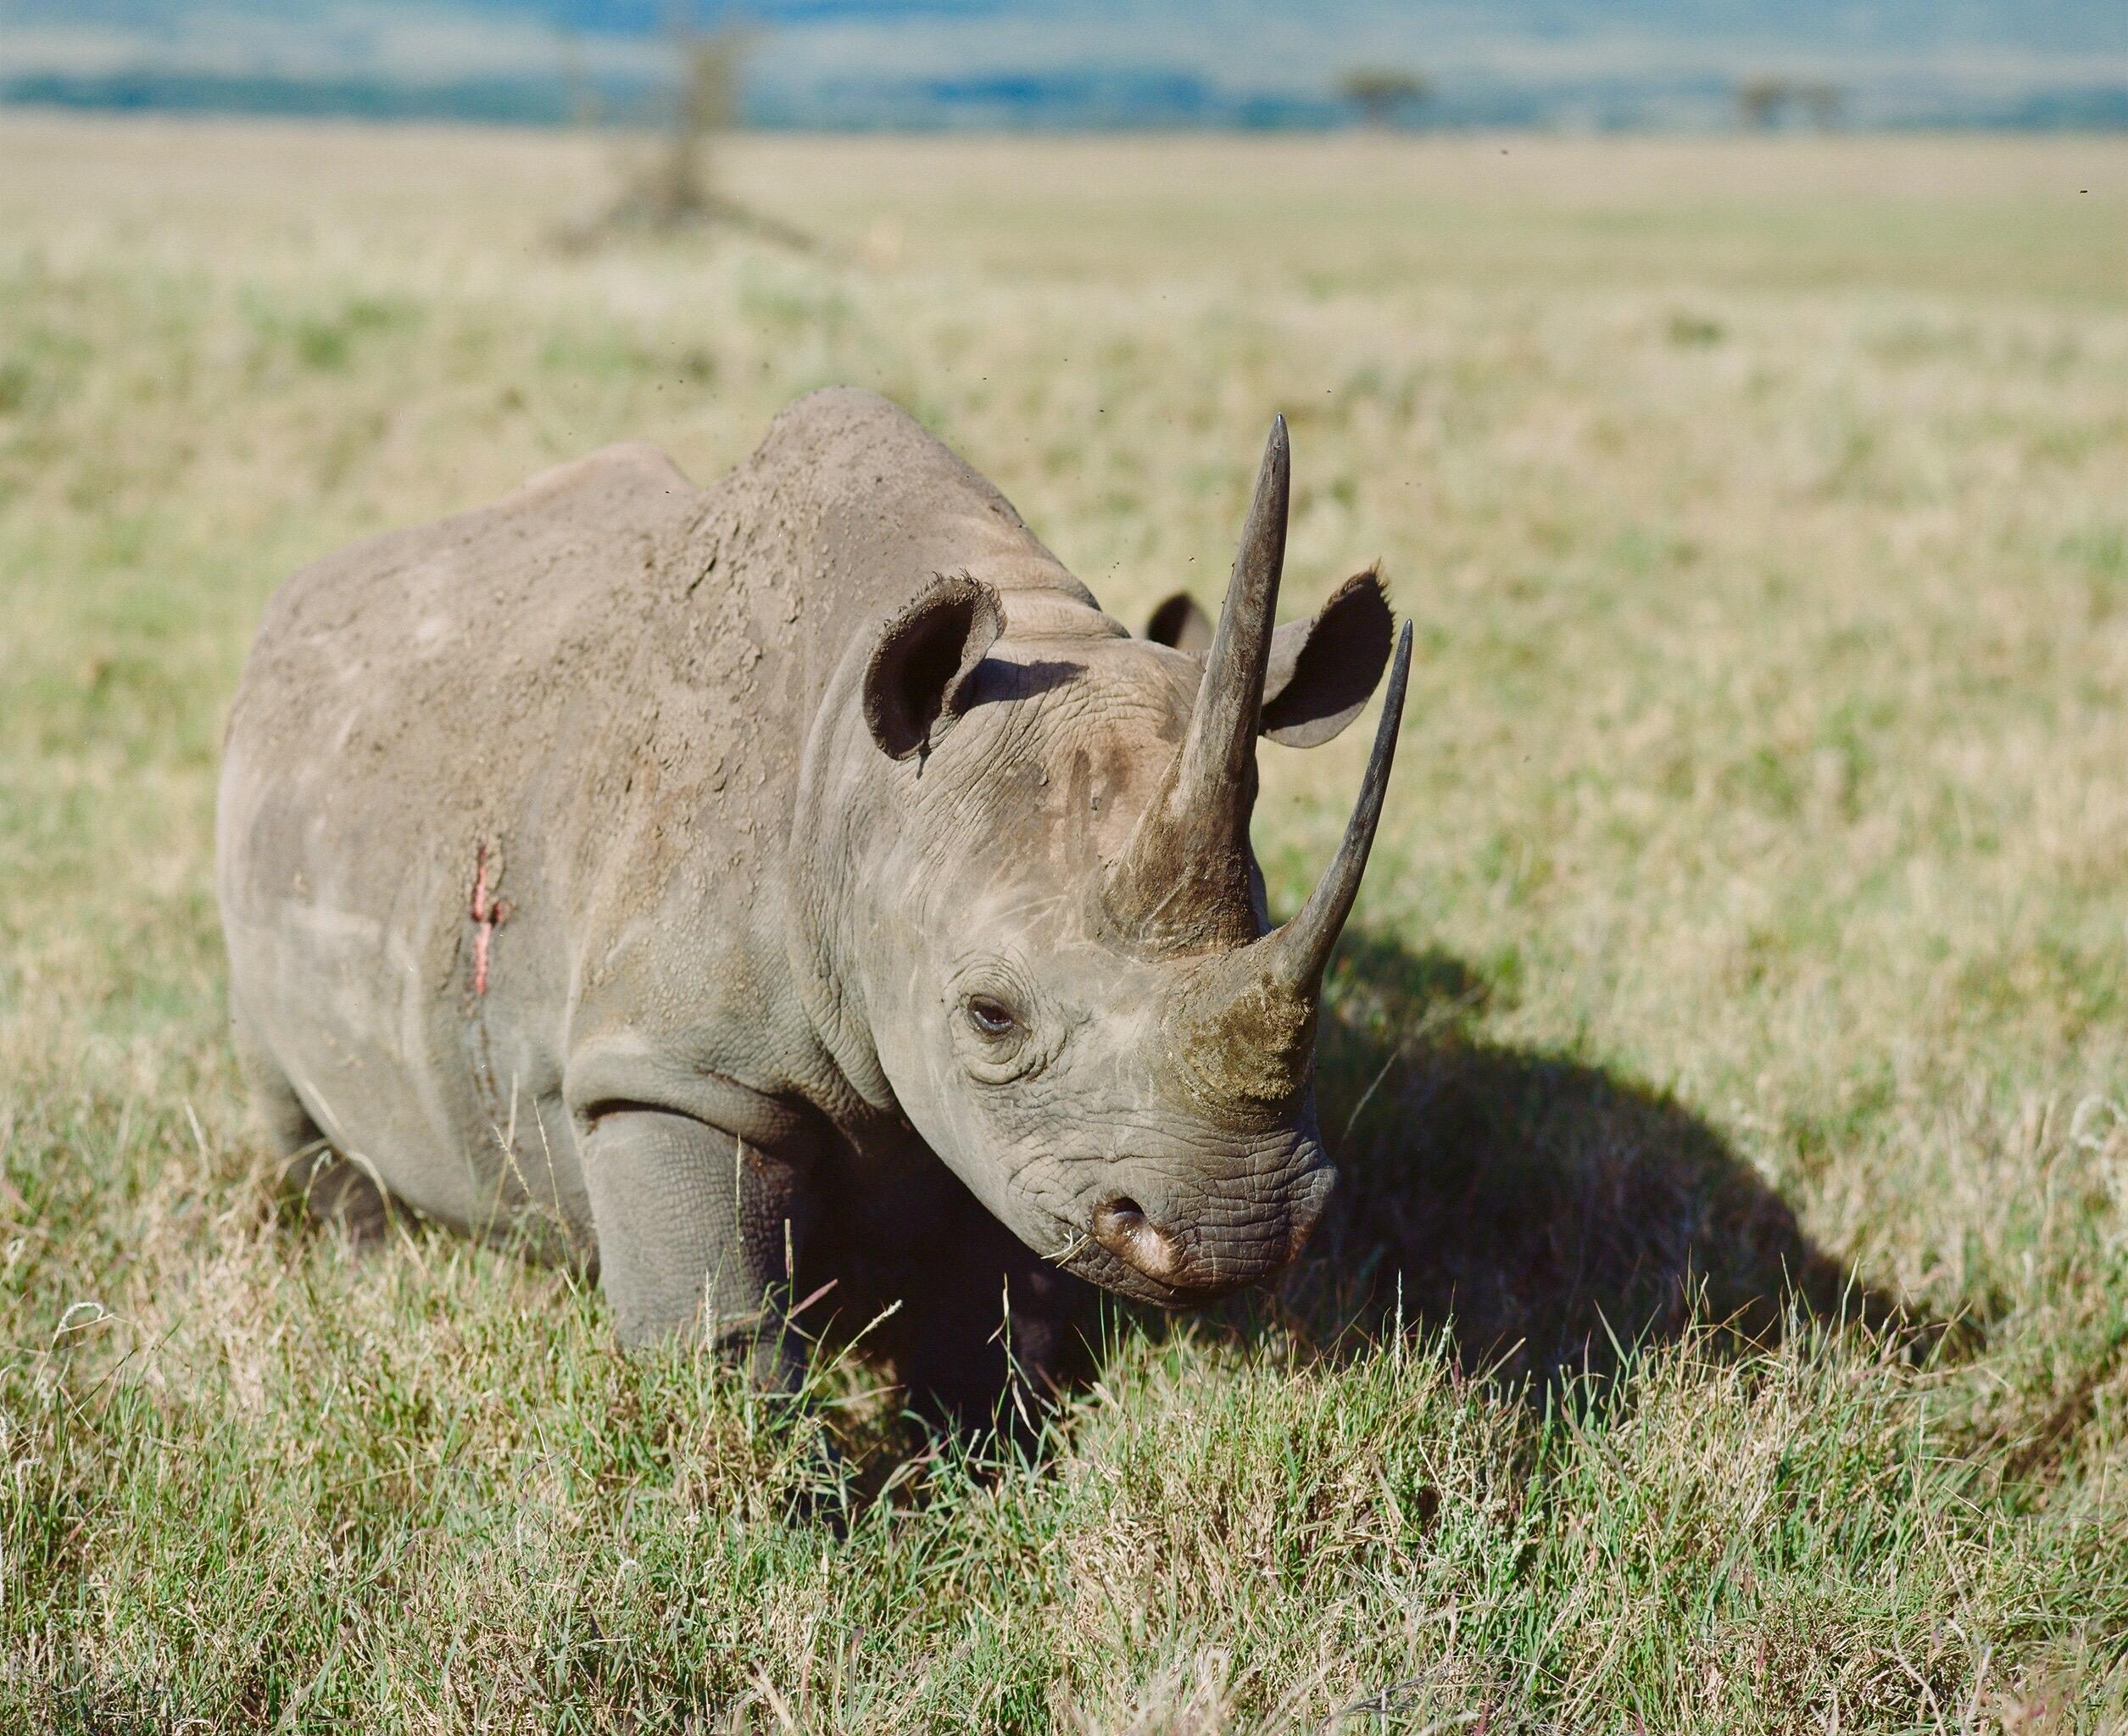 Black Rhino Charge